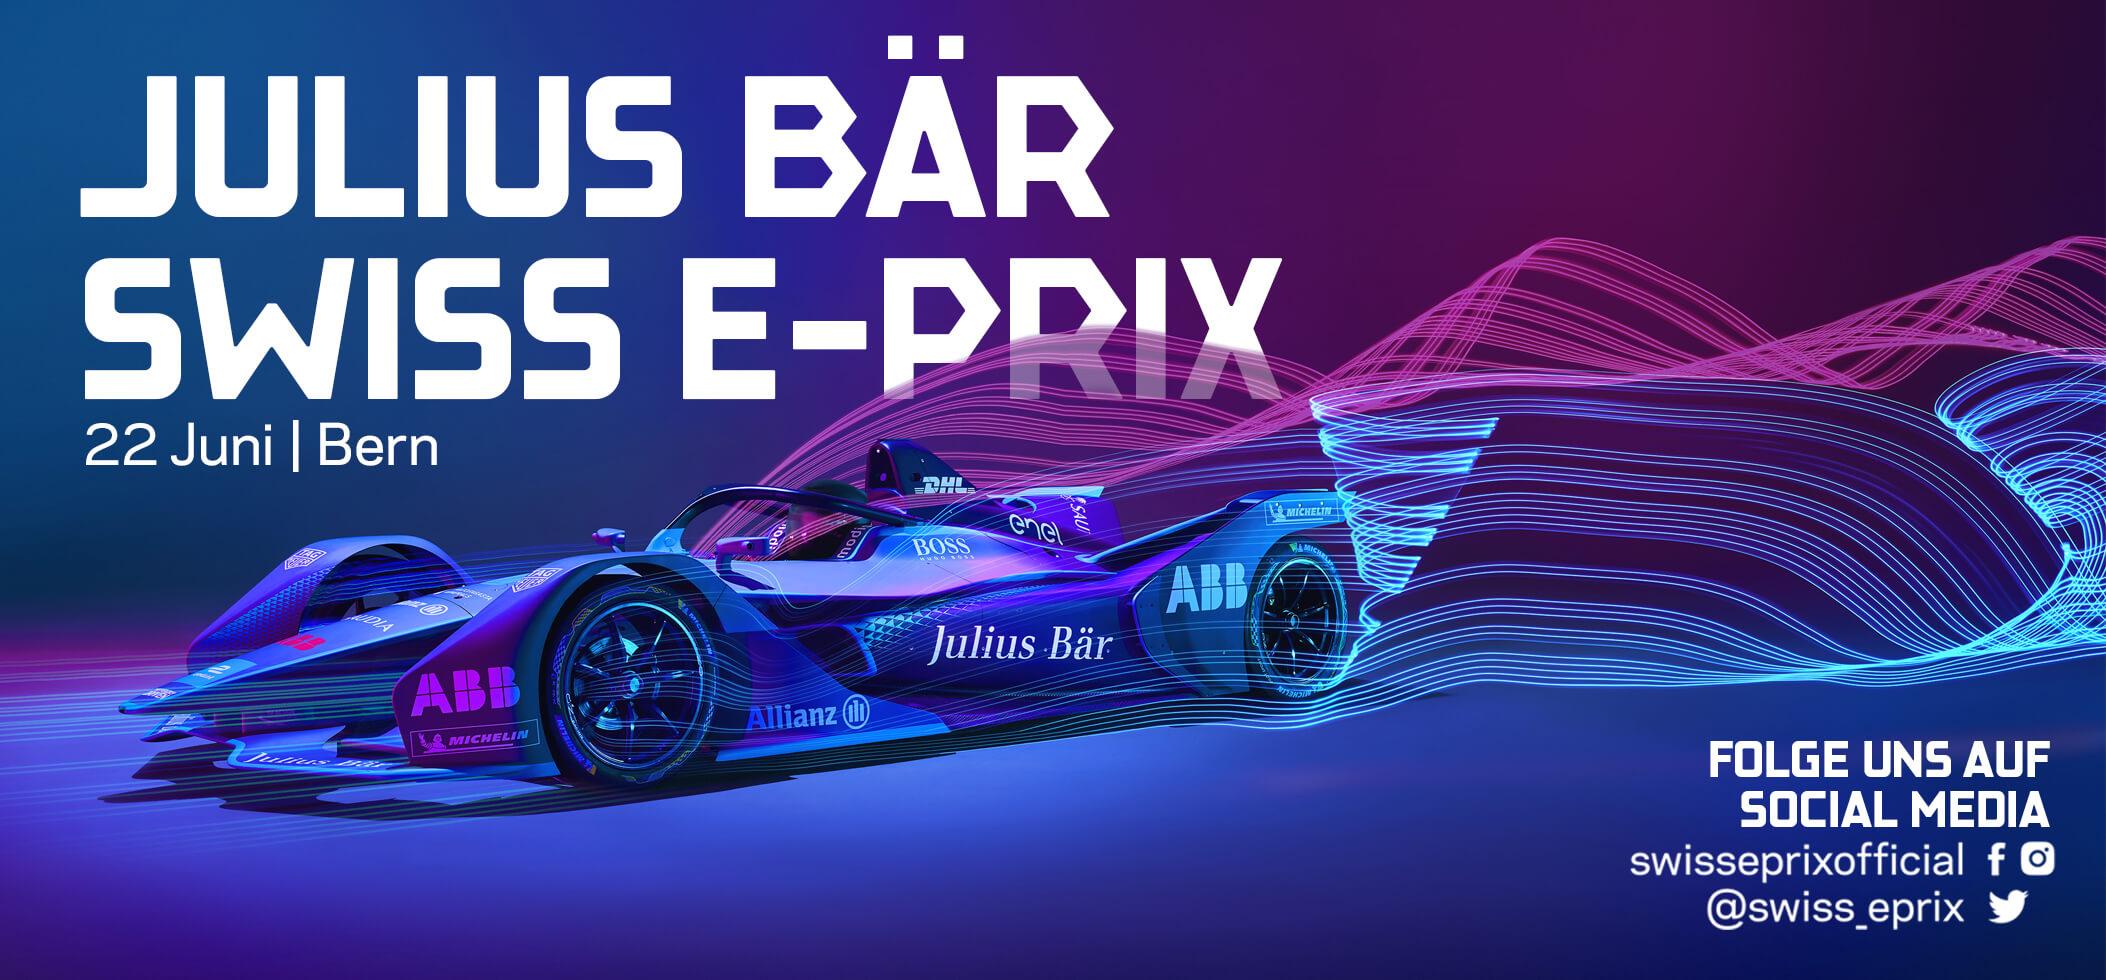 Julius Bär Swiss E Prix